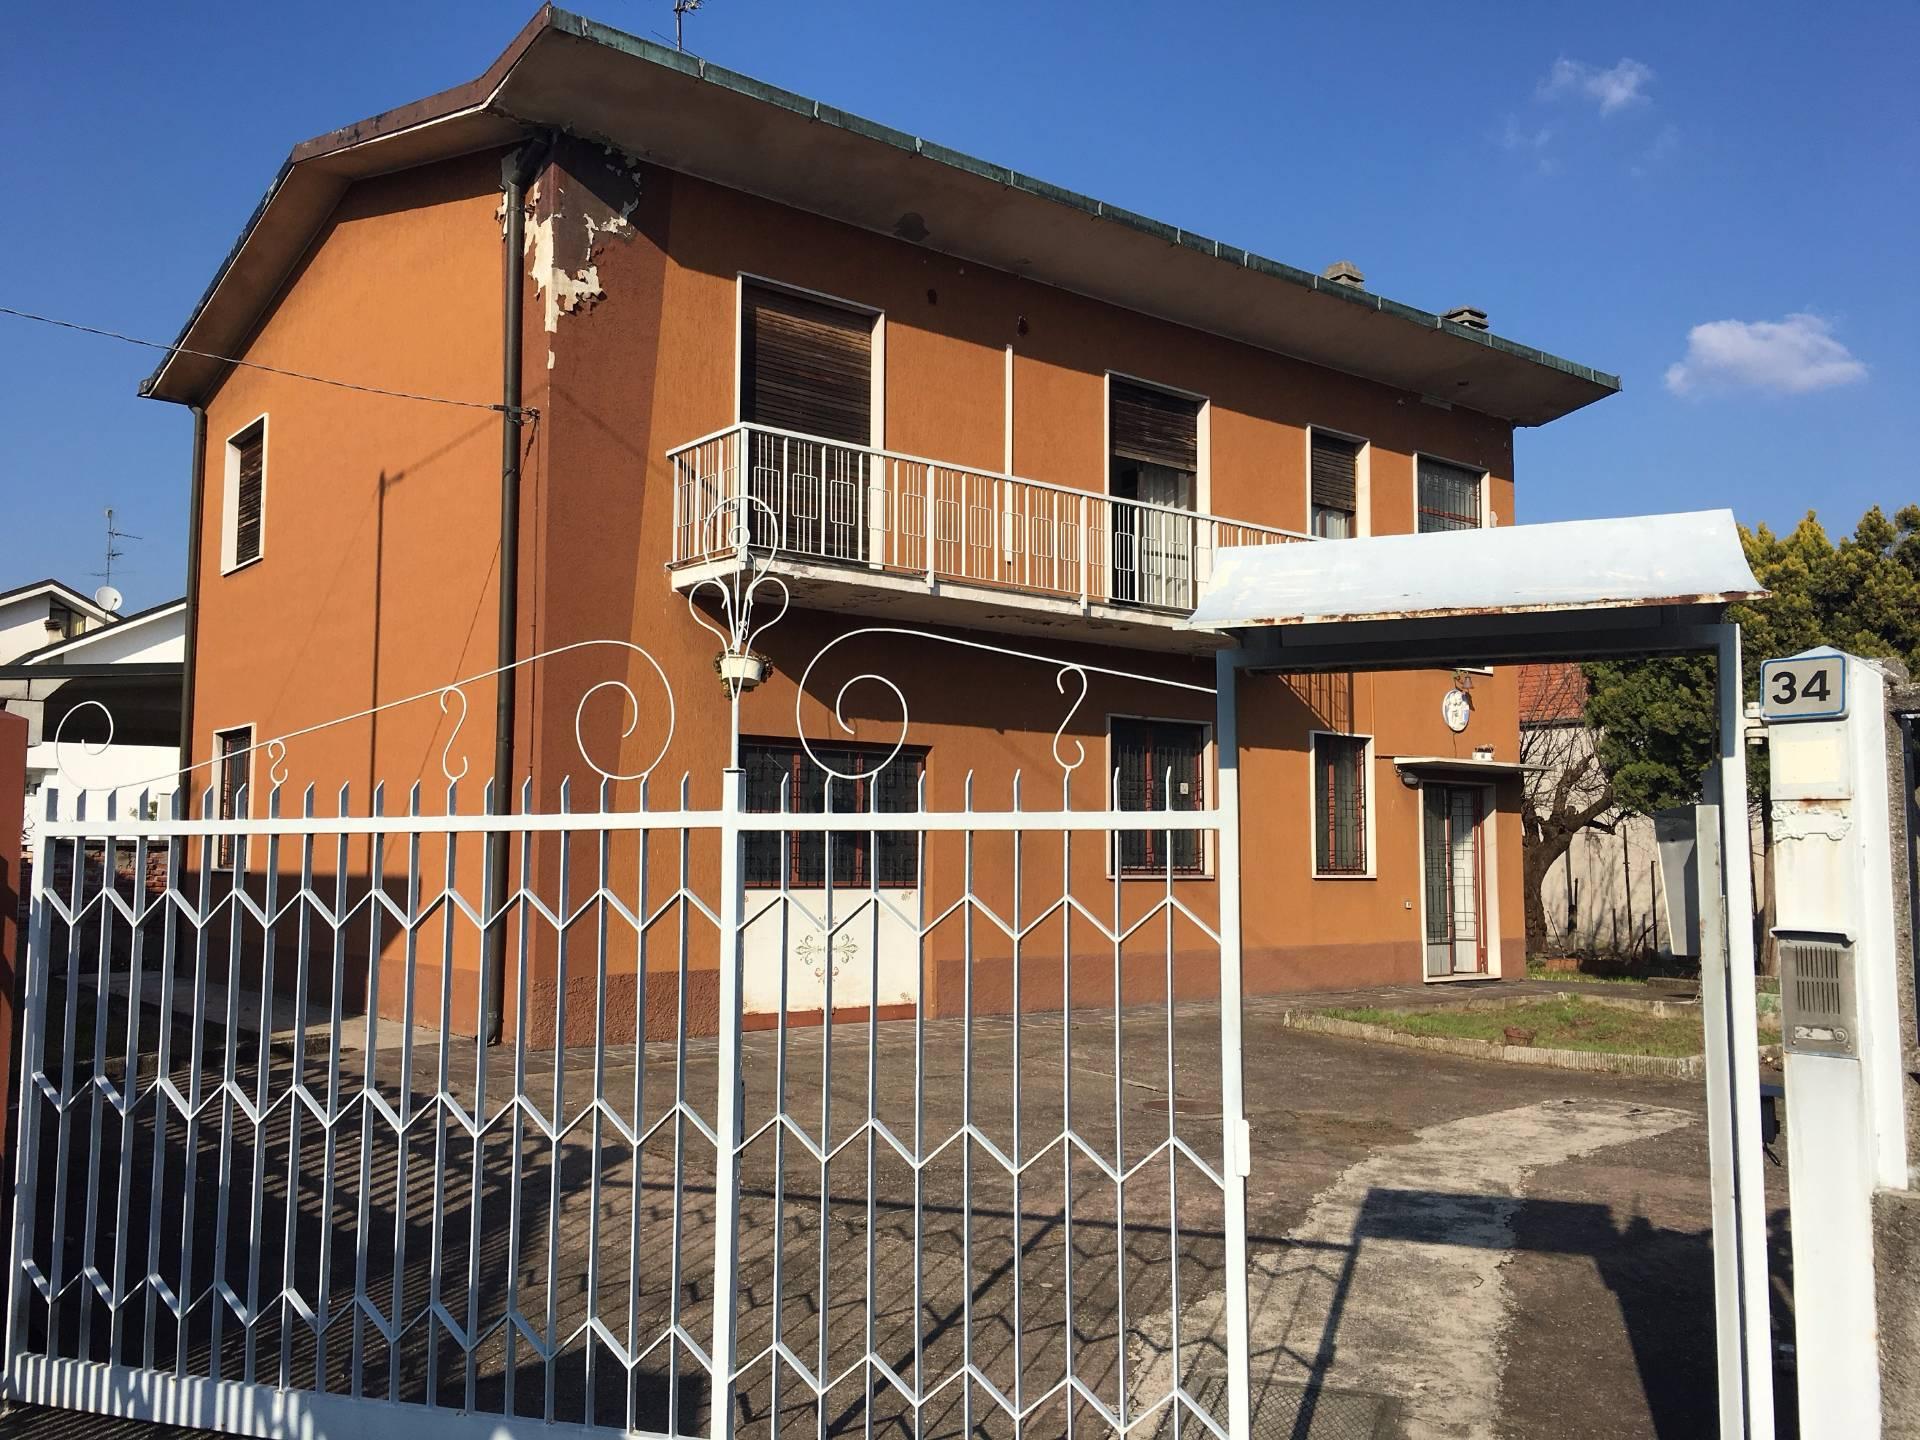 Villa in vendita a Saronno, 3 locali, zona Zona: Acquilone, prezzo € 259.000 | Cambio Casa.it